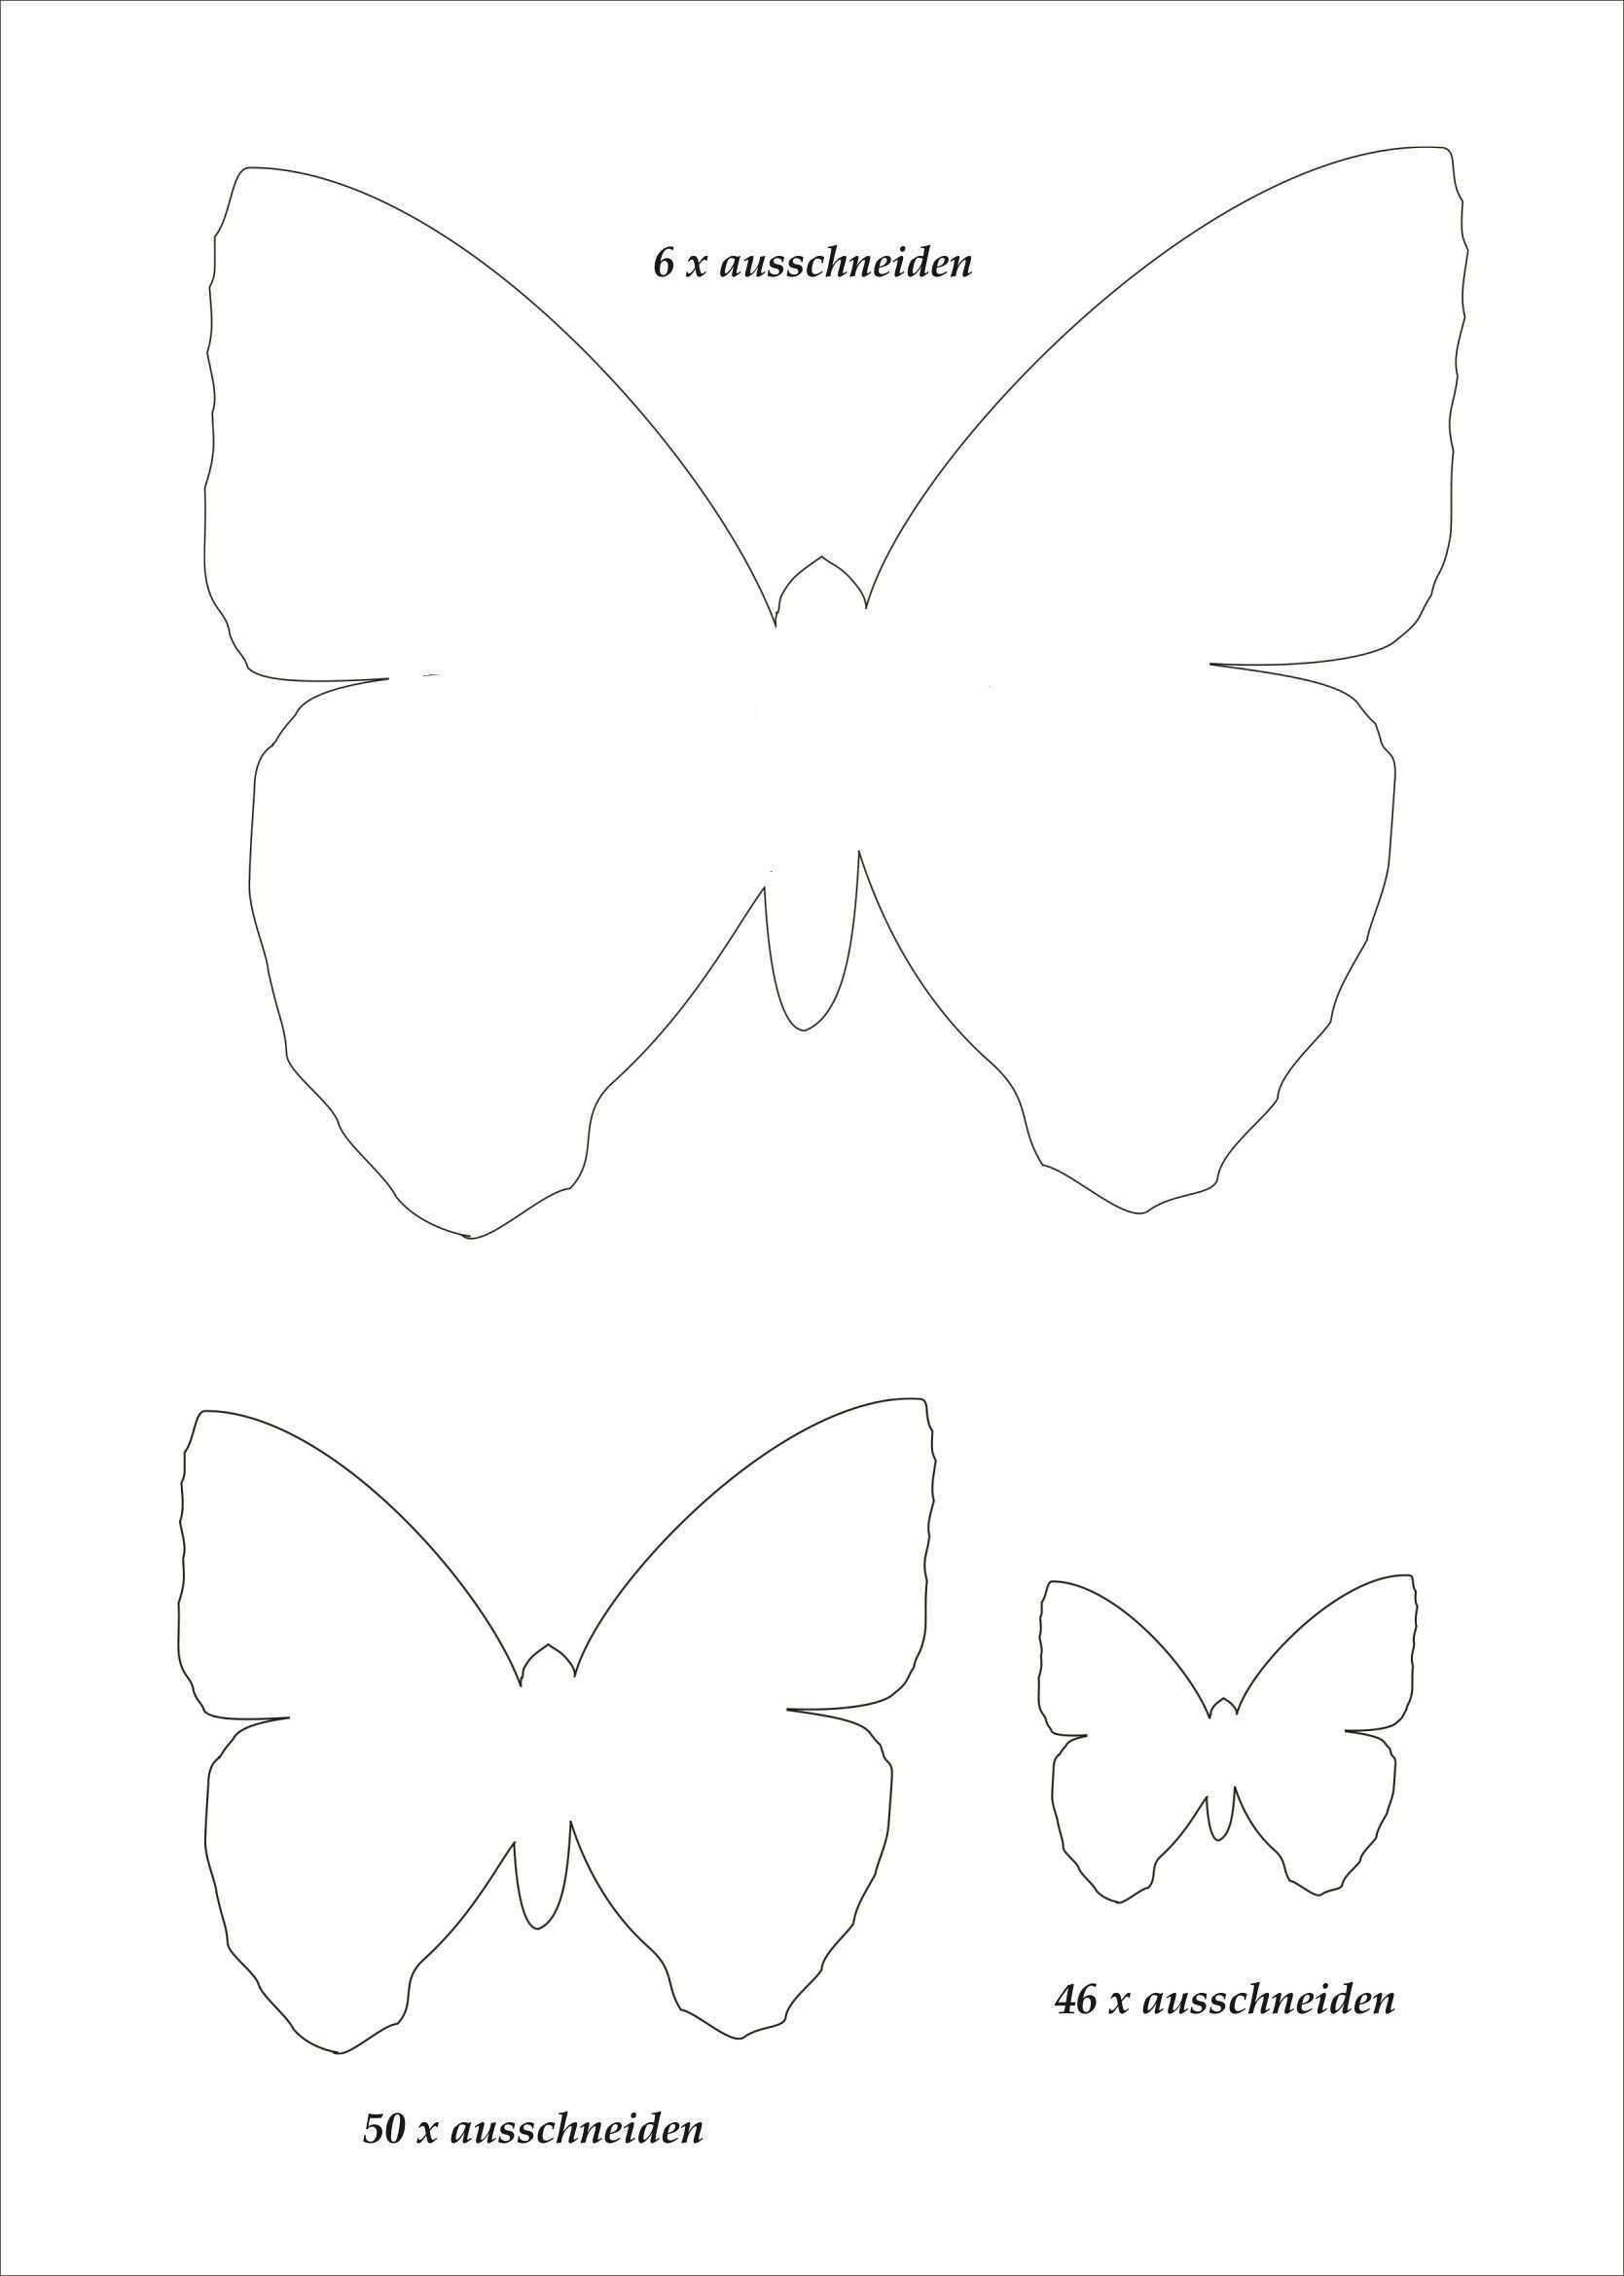 Neu Schmetterling Vorlagen In 2020 Schmetterling Vorlage Papierschmetterlinge Schmetterling Vorlage Basteln